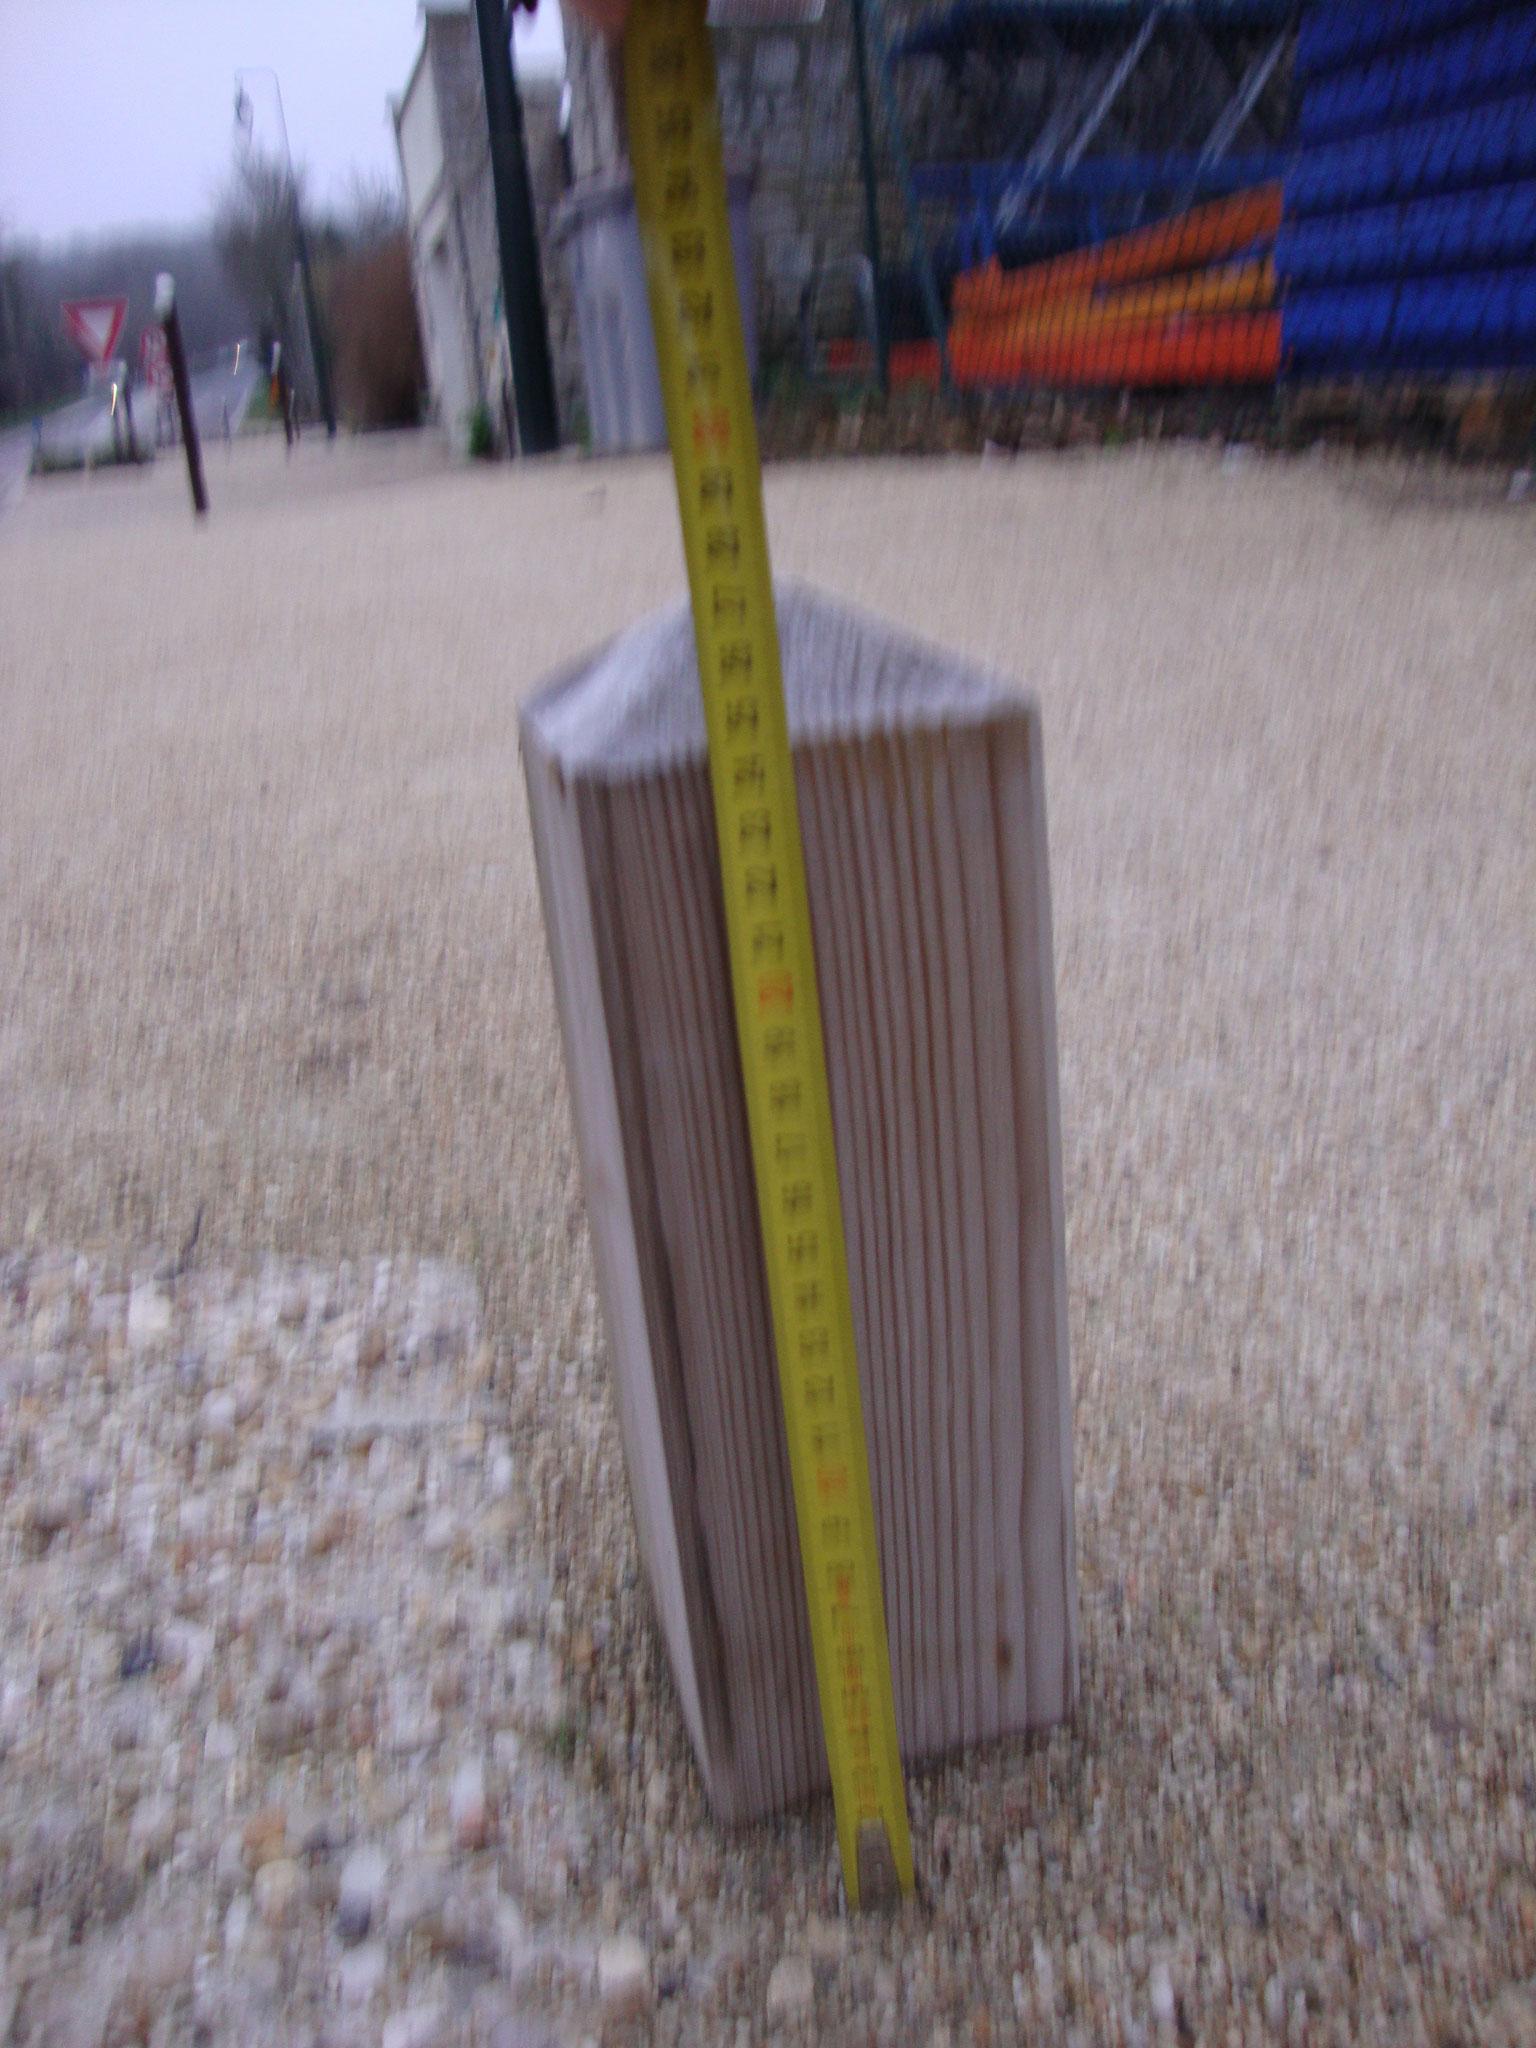 Bourron Marlotte 77580 obstacles bas sur cheminement  hauteur inférieure à 50 cm = danger